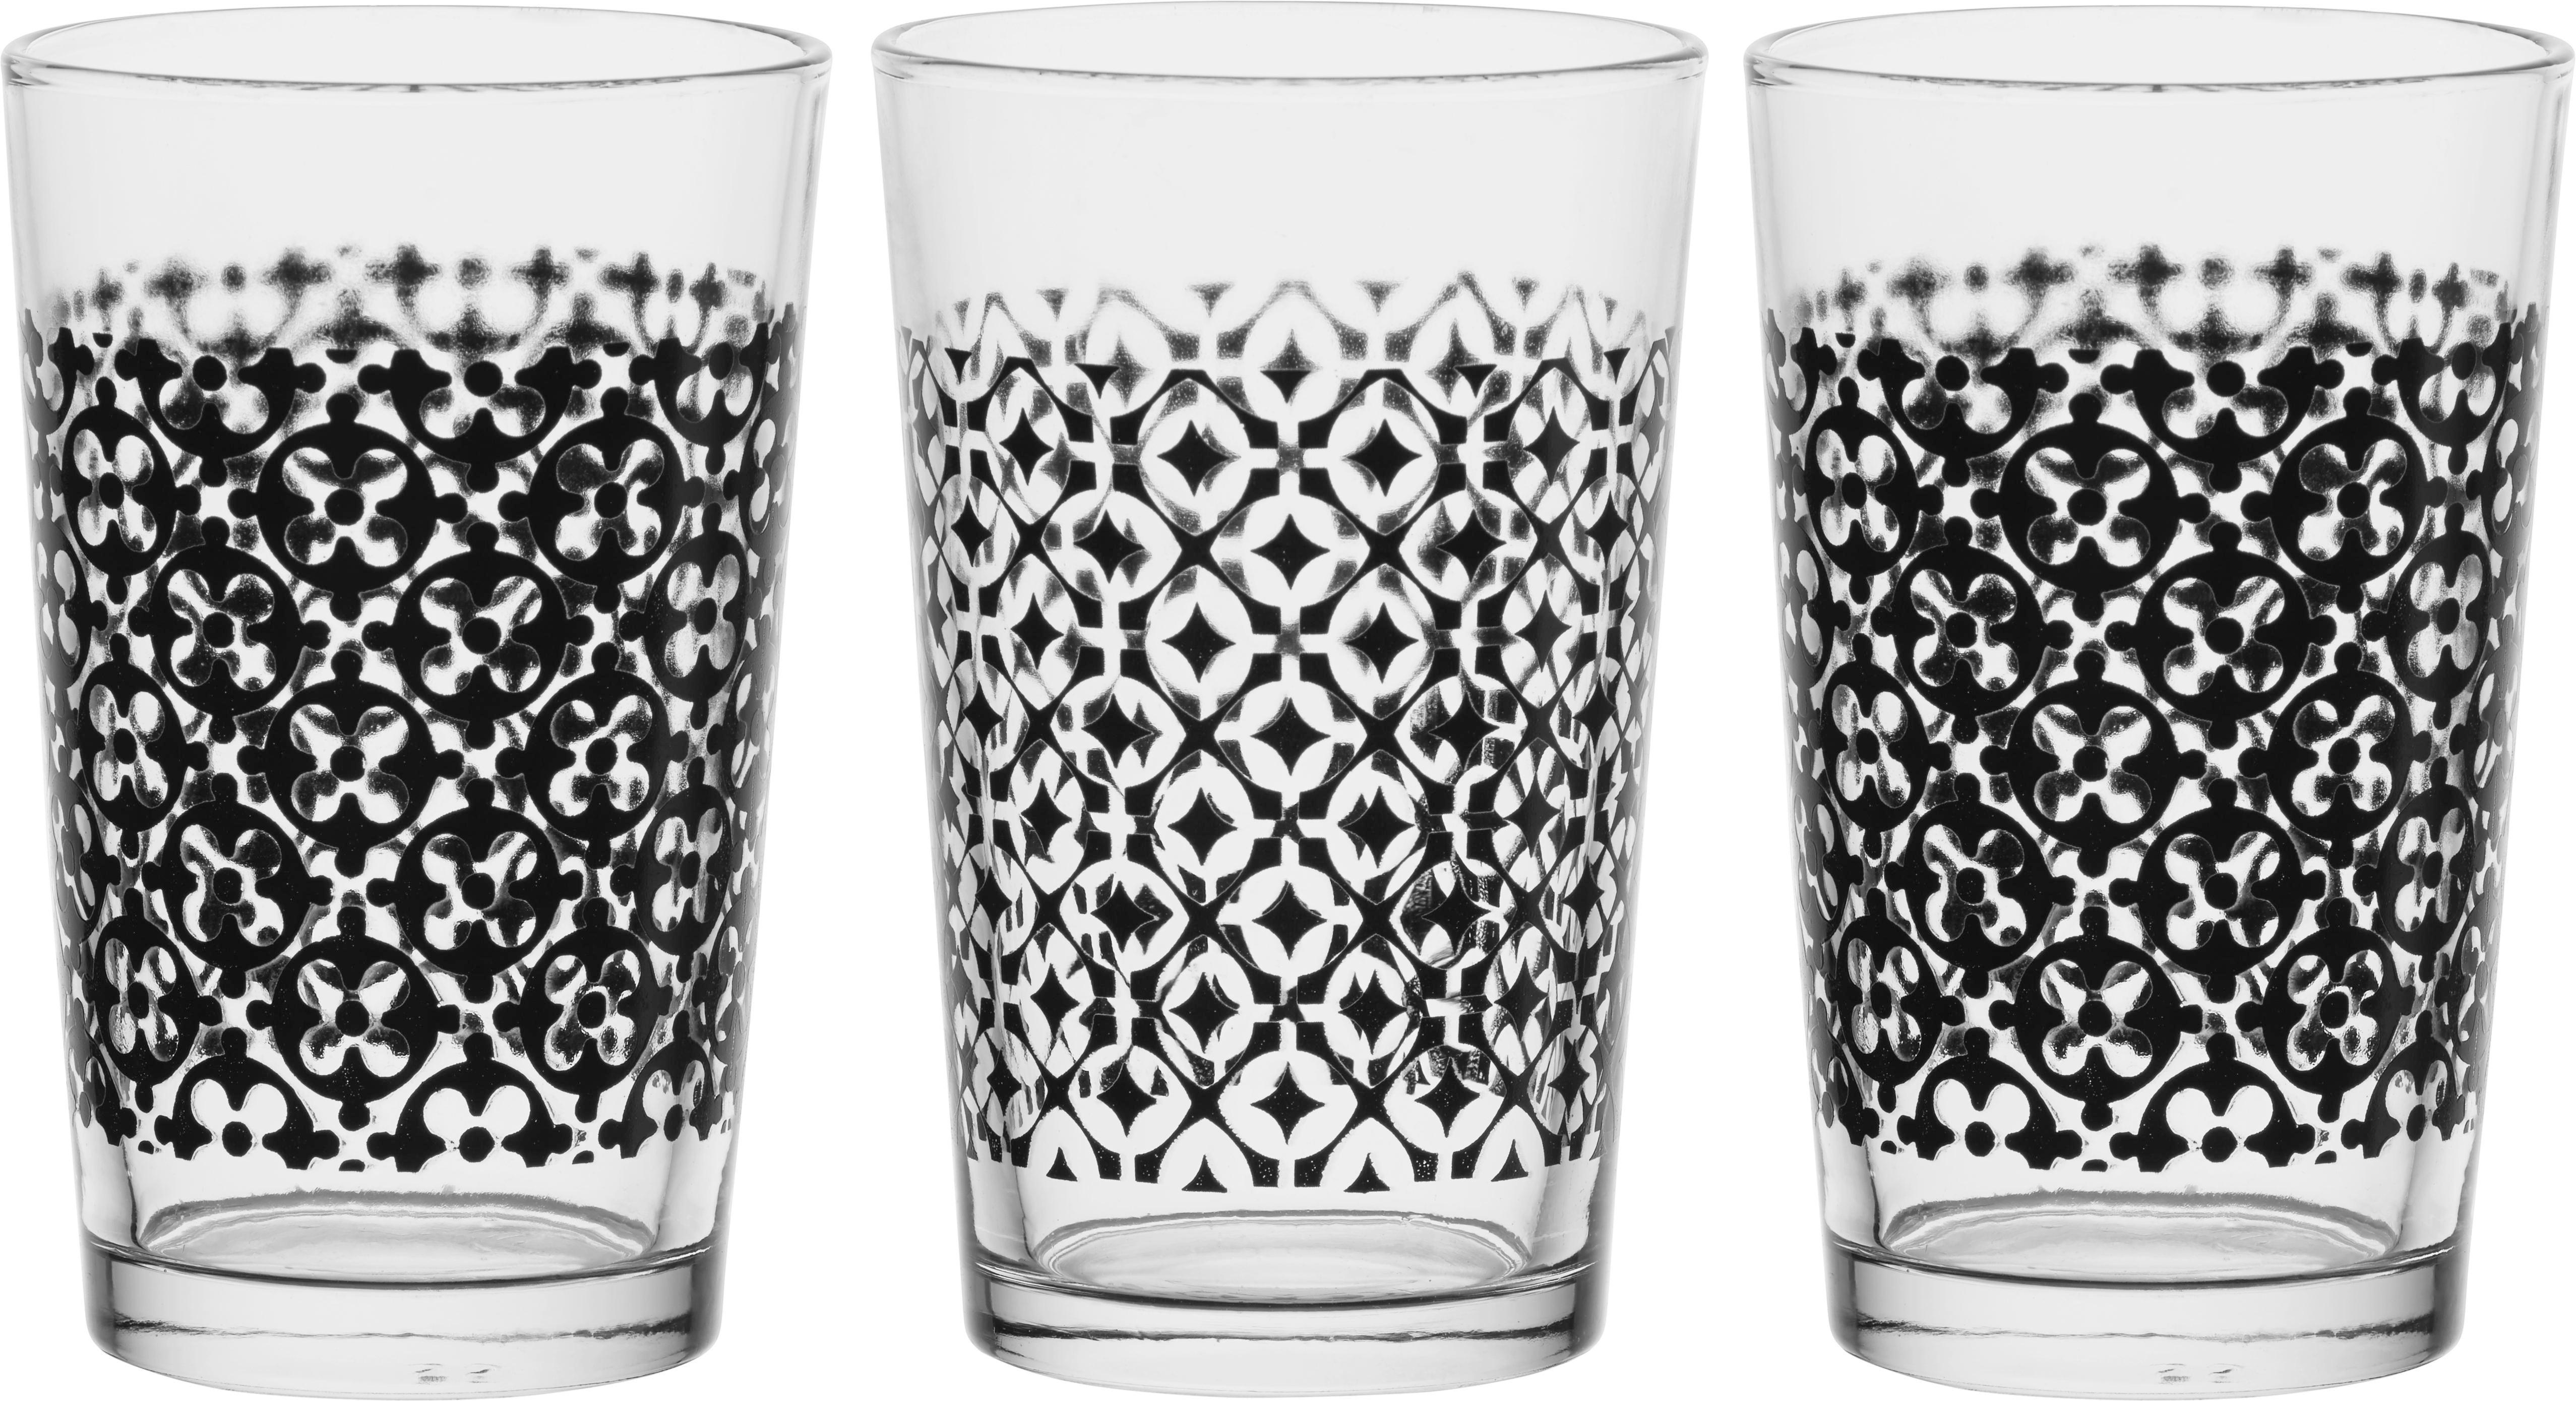 Gläserset Shiva in Schwarz aus Glas - Klar/Schwarz, Glas (6,9/11cm) - MÖMAX modern living